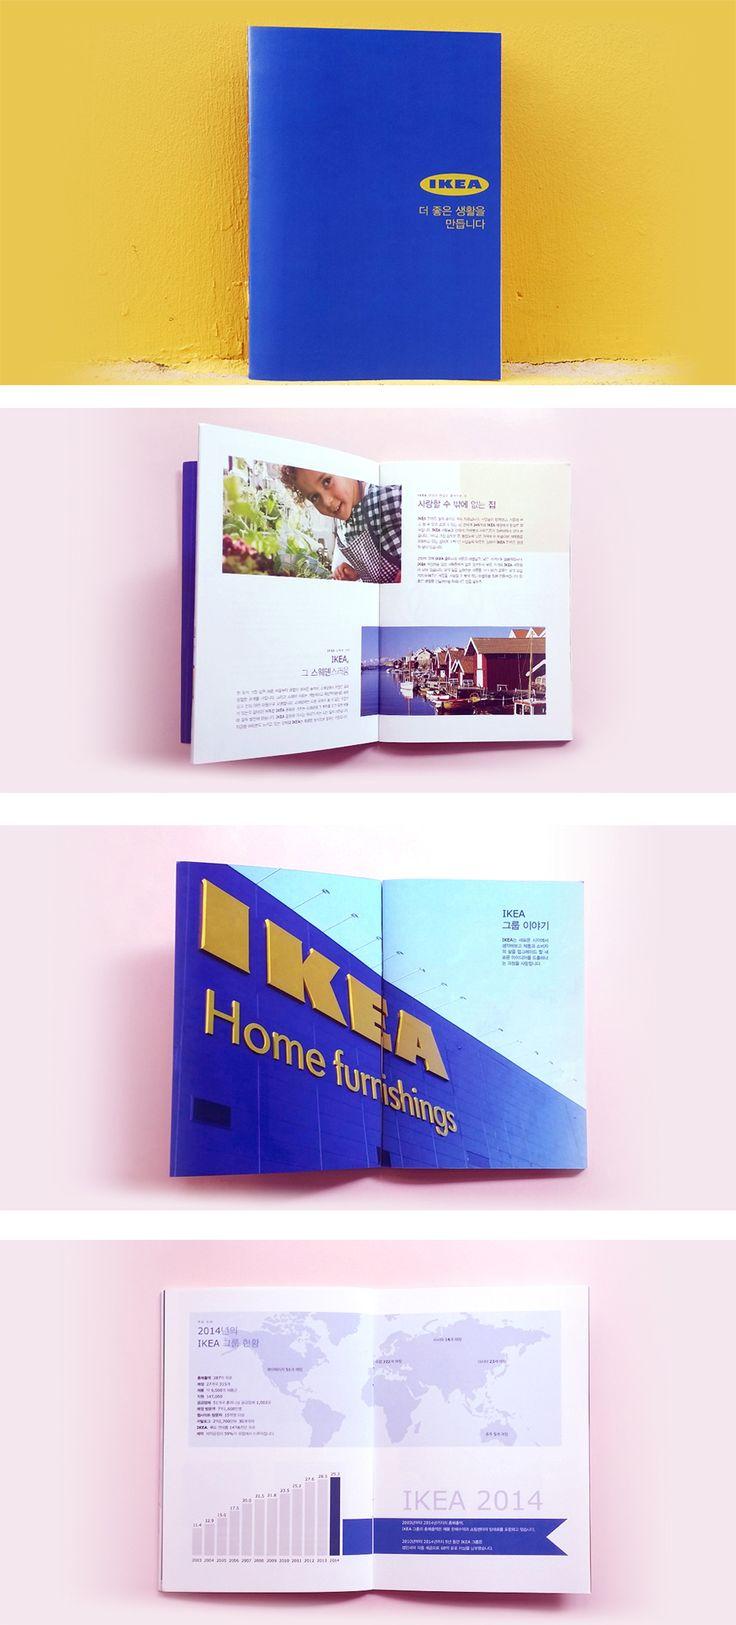 디자인 나스 (designnas) 학생 광고 편집 디자인 - 카탈로그 / 브로슈어 포트폴리오 (advertisement pamphlet)입니다. 키워드 : brand, ad, advertisement, leaflet, pamphlet, catalog, brochure, poster, branding, info graphic, design, paper, graphics, portfolio 디자인나스의 작품은 모두 학생작품입니다. all rights reserved designnas www.designnas.com